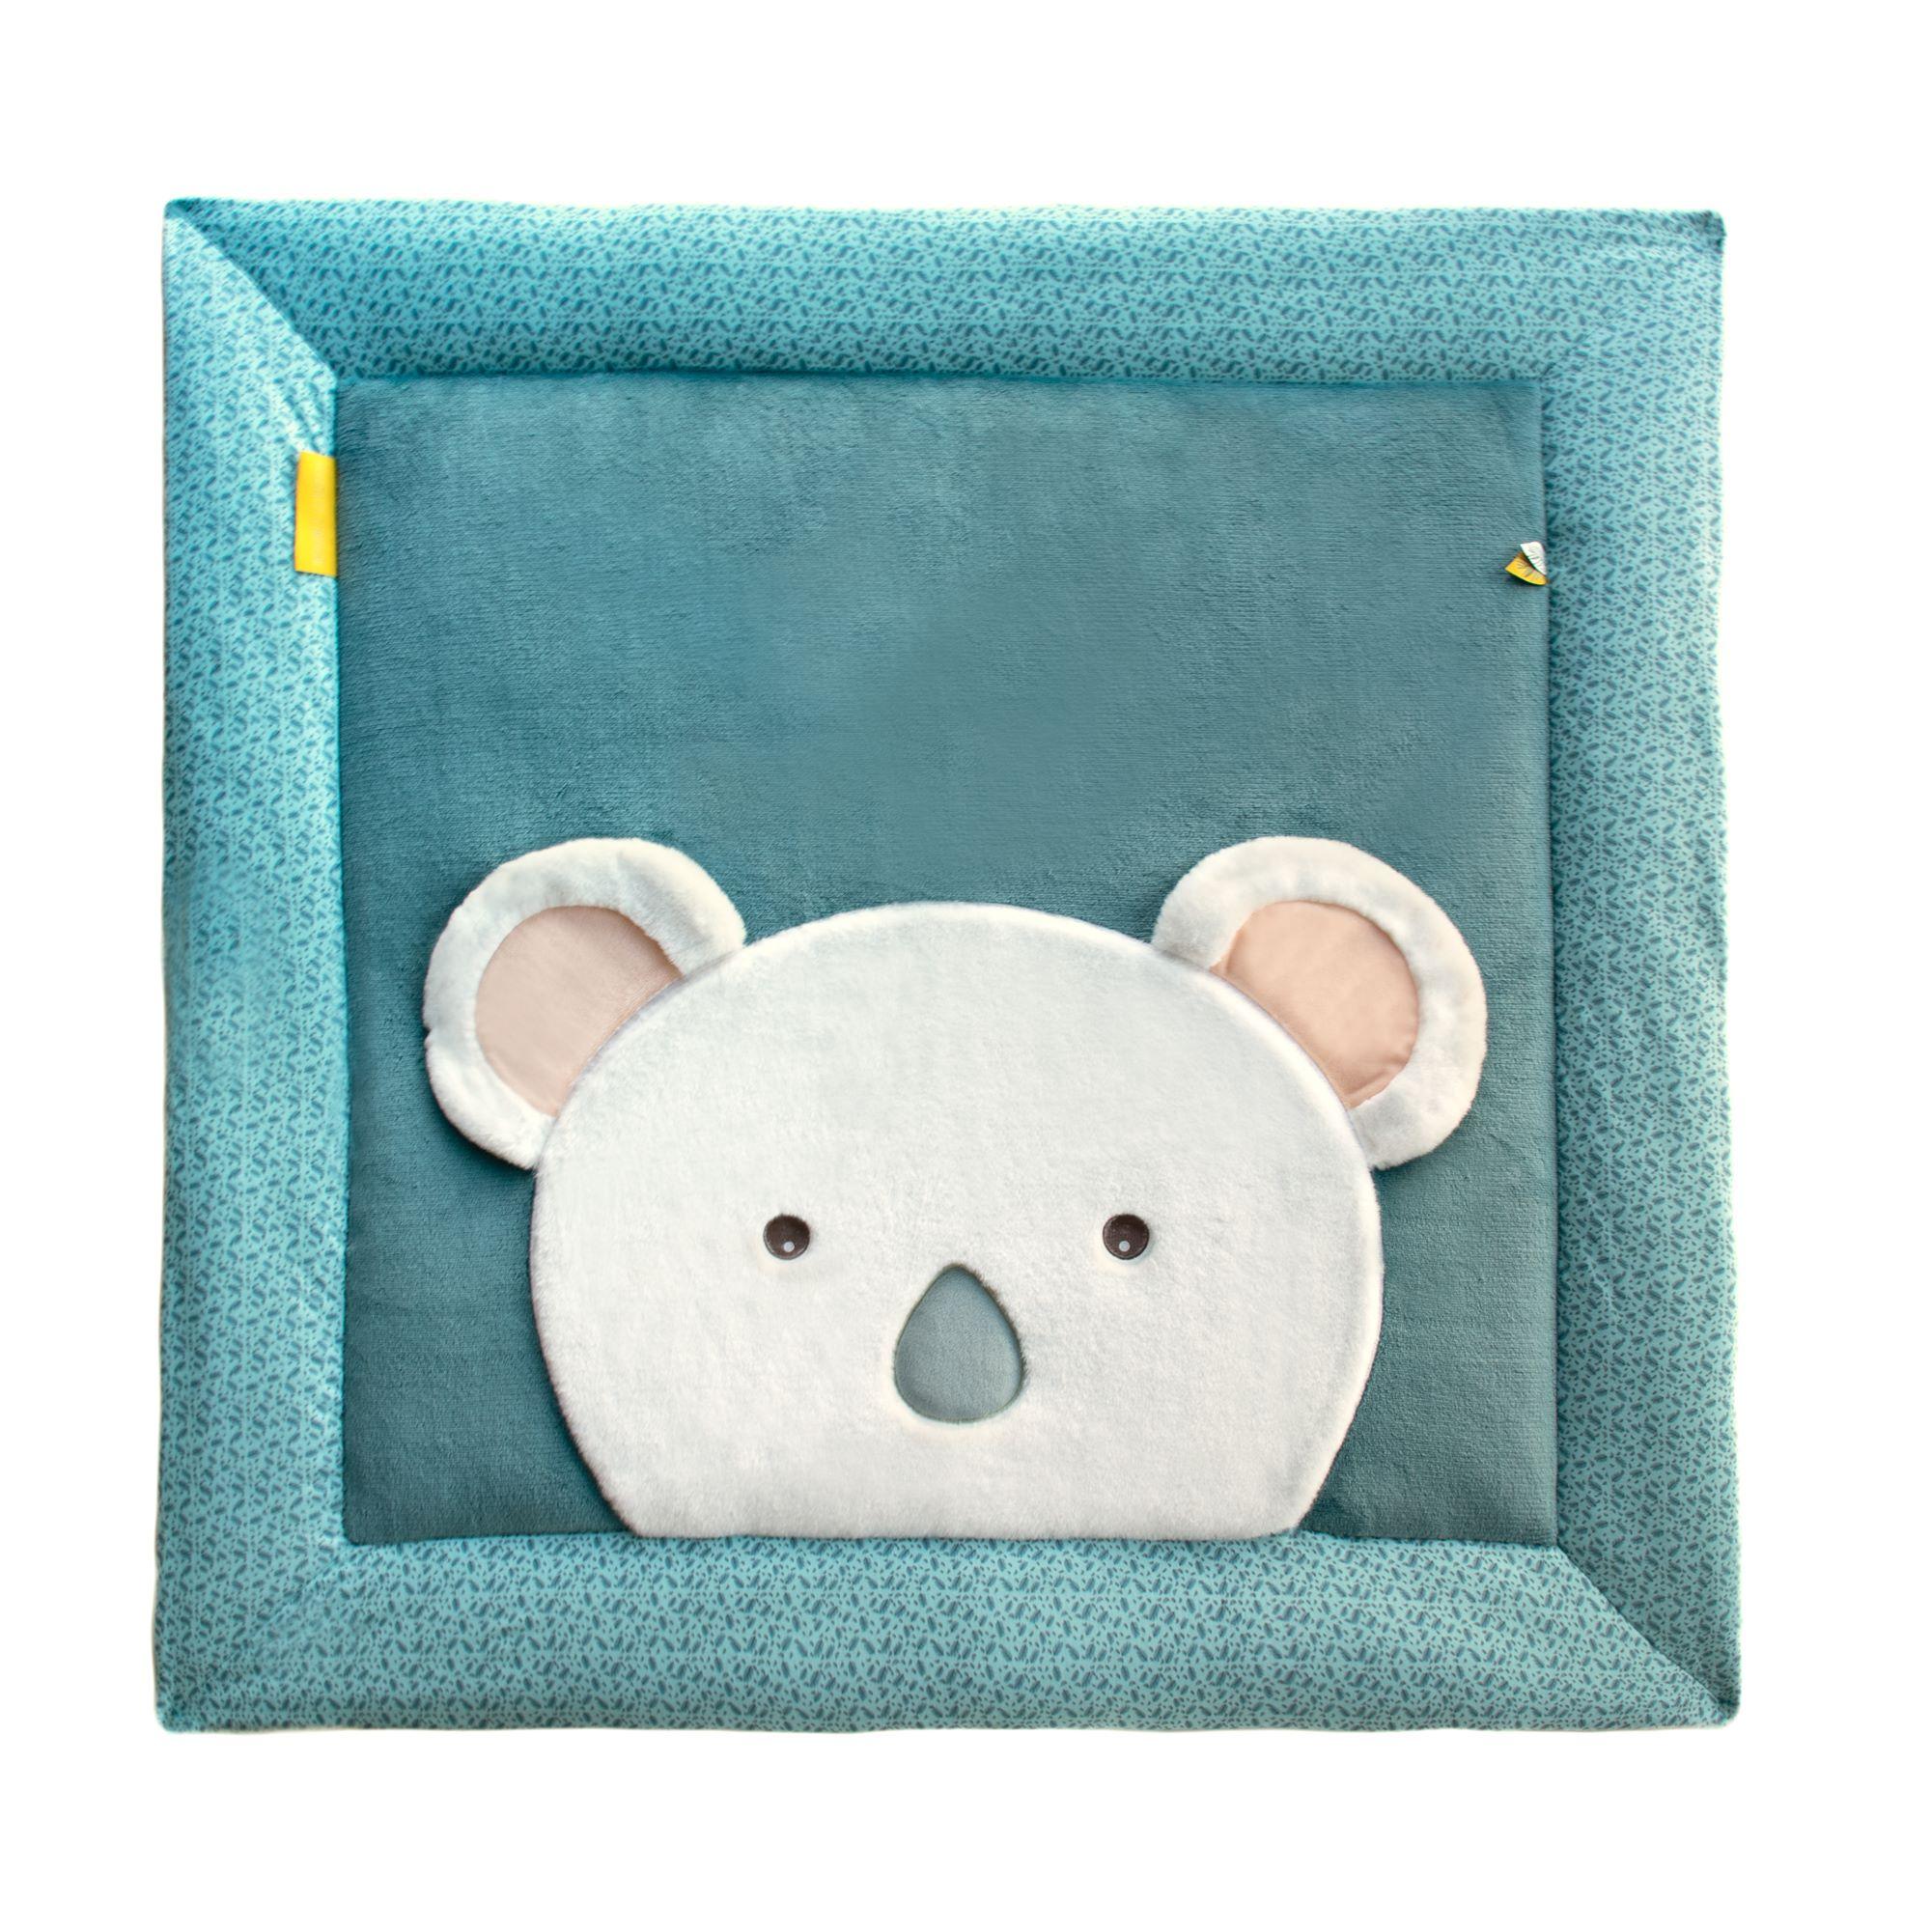 tapis d eveil pour bebe koala tapidou doudou compagnie